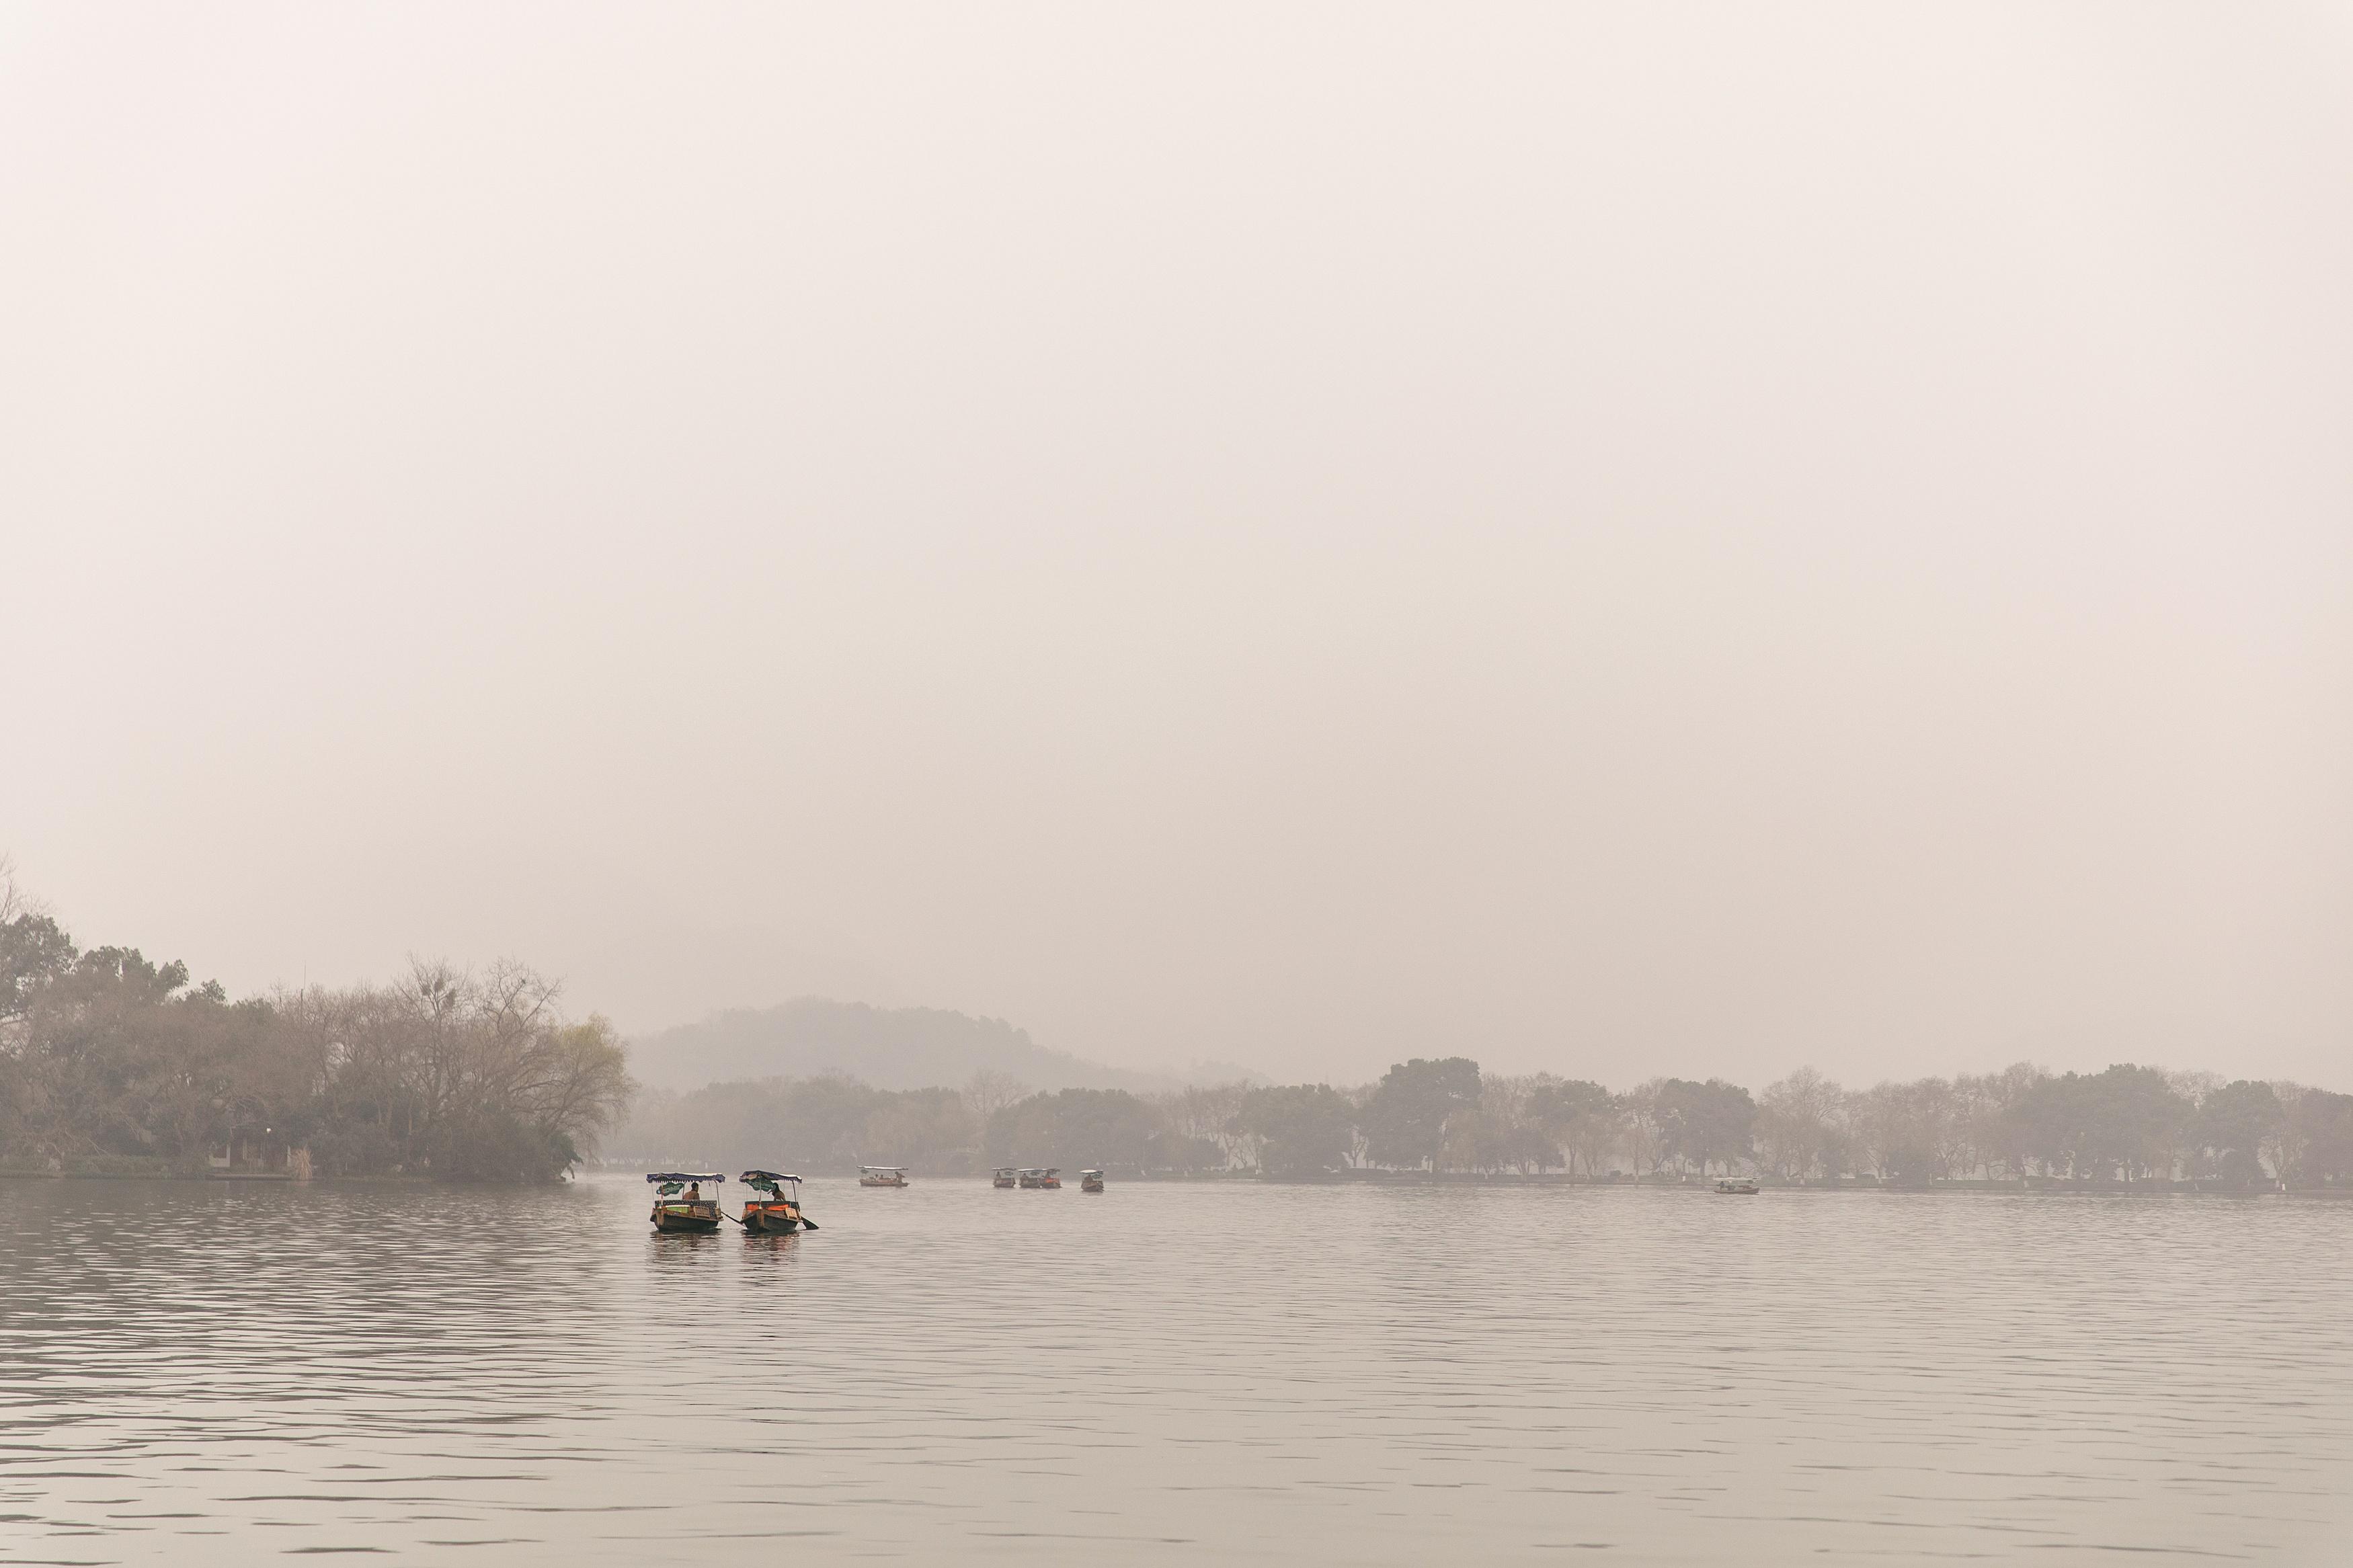 Chinese boats on lake